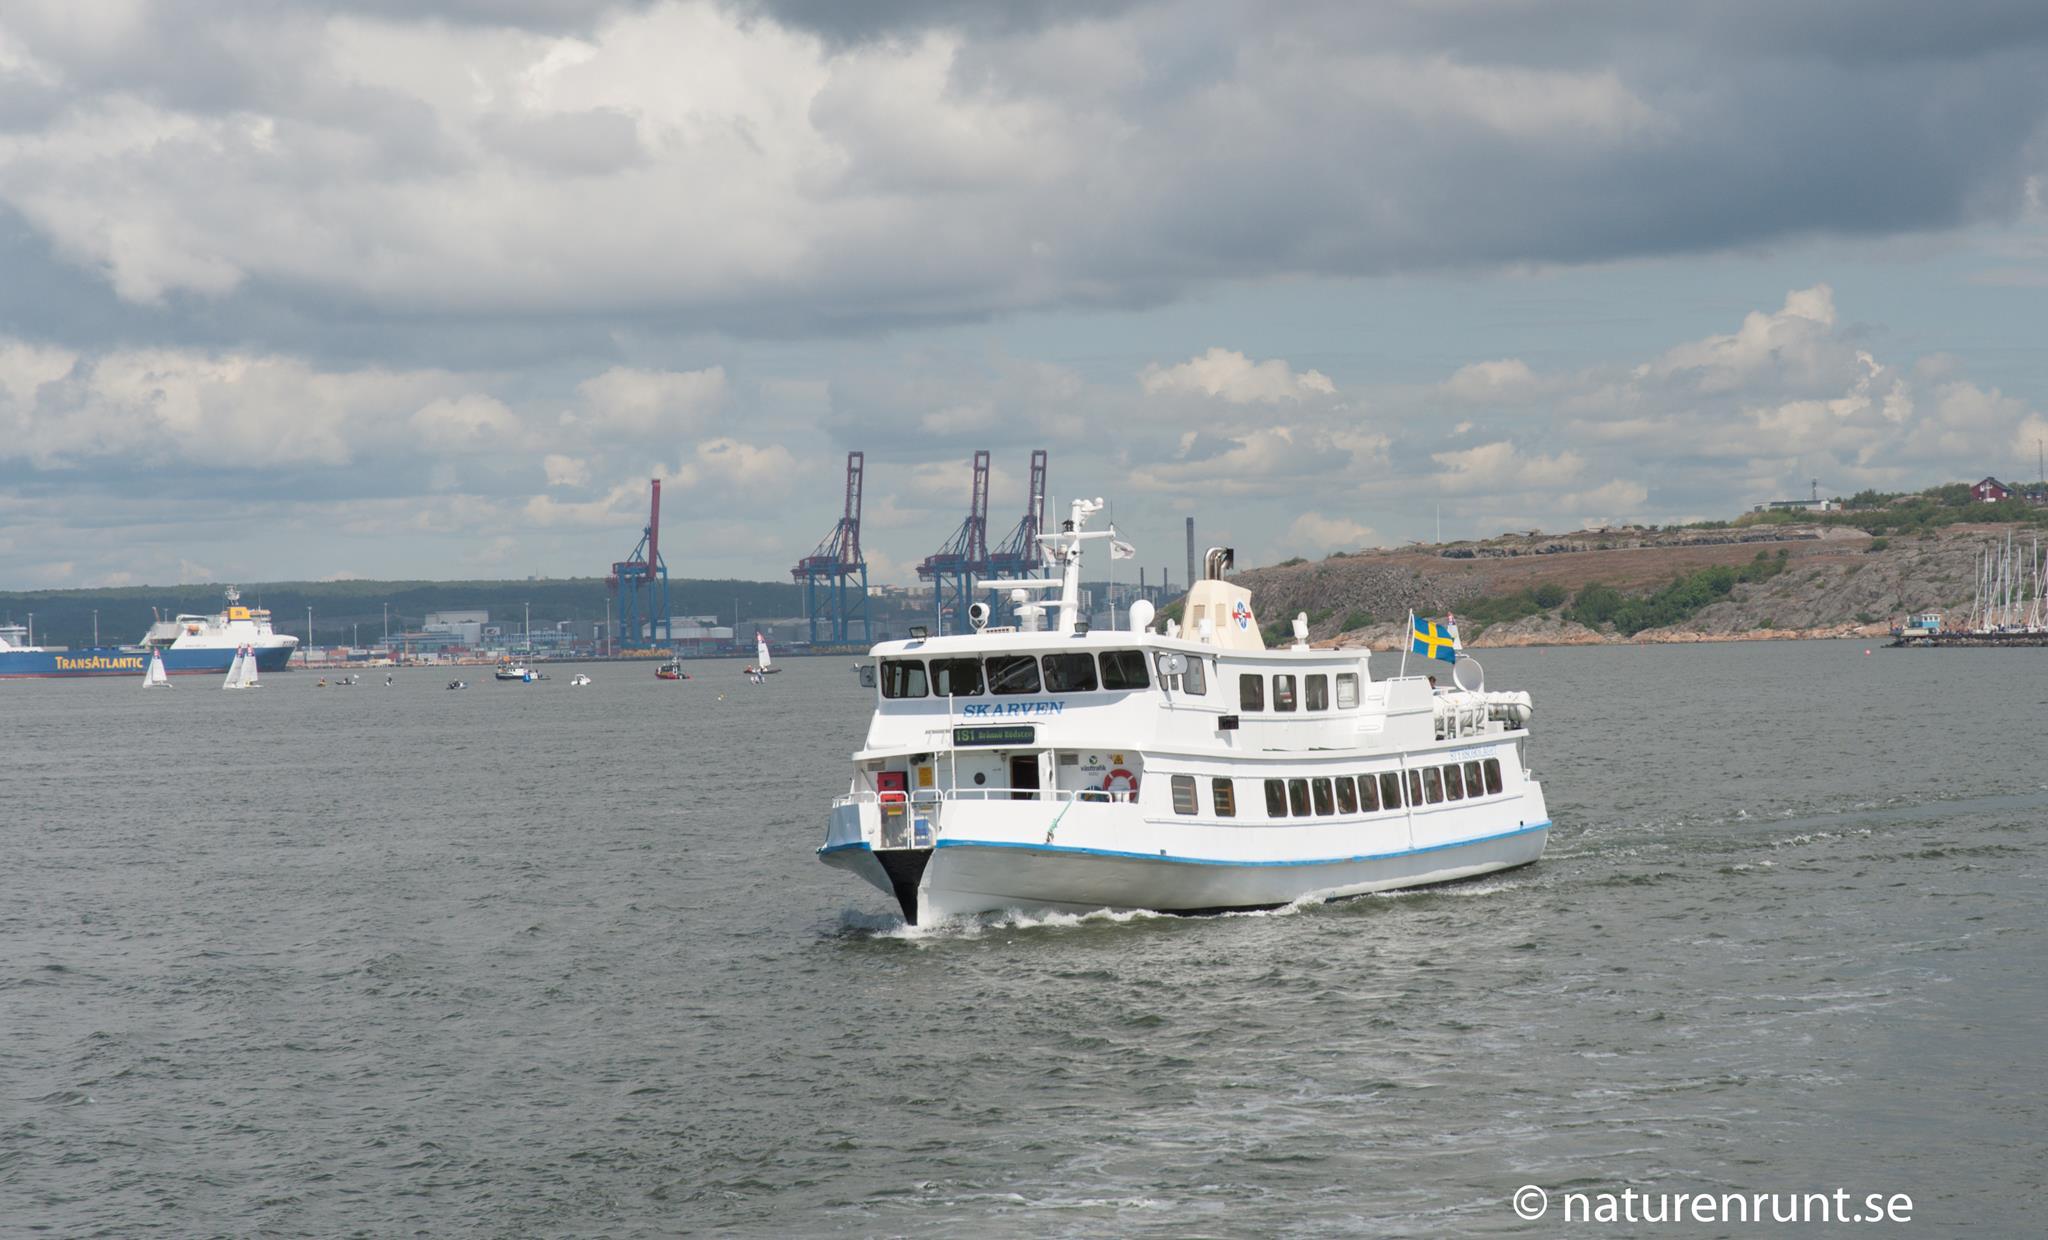 Skärgårdsbåten Skarven - Från Saltholmen till södra skärgården